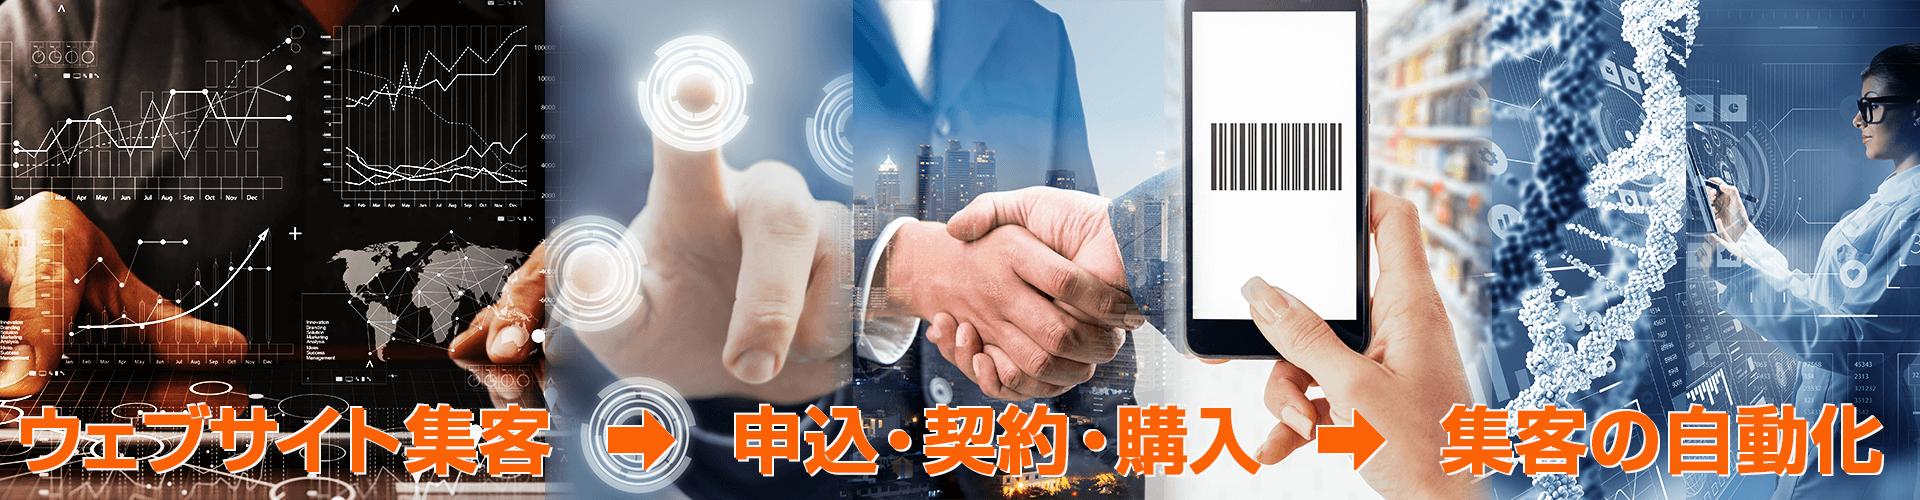 ウェブ(WEB)集客・申込・契約・購入・ウェブ(WEB)の自動化